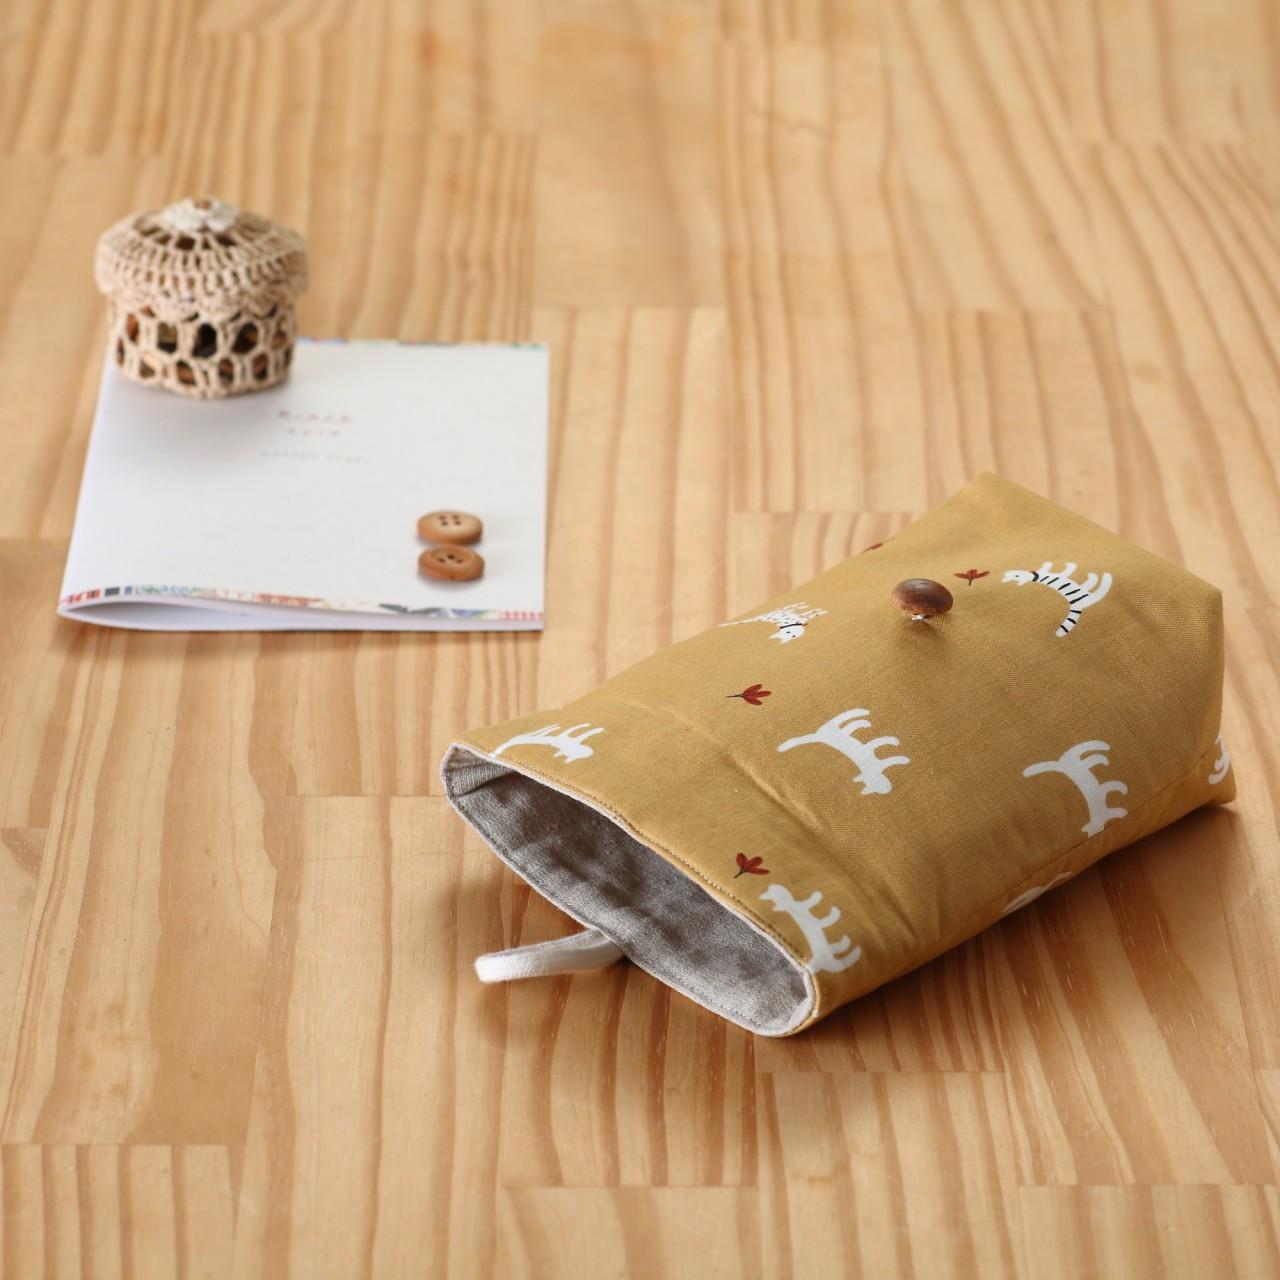 퀼트 패키지 주머니만들기 디자인 랜덤발송 - 나미꼬의퀼트카페, 5,500원, 펠트공예, 수납/주머니 패키지